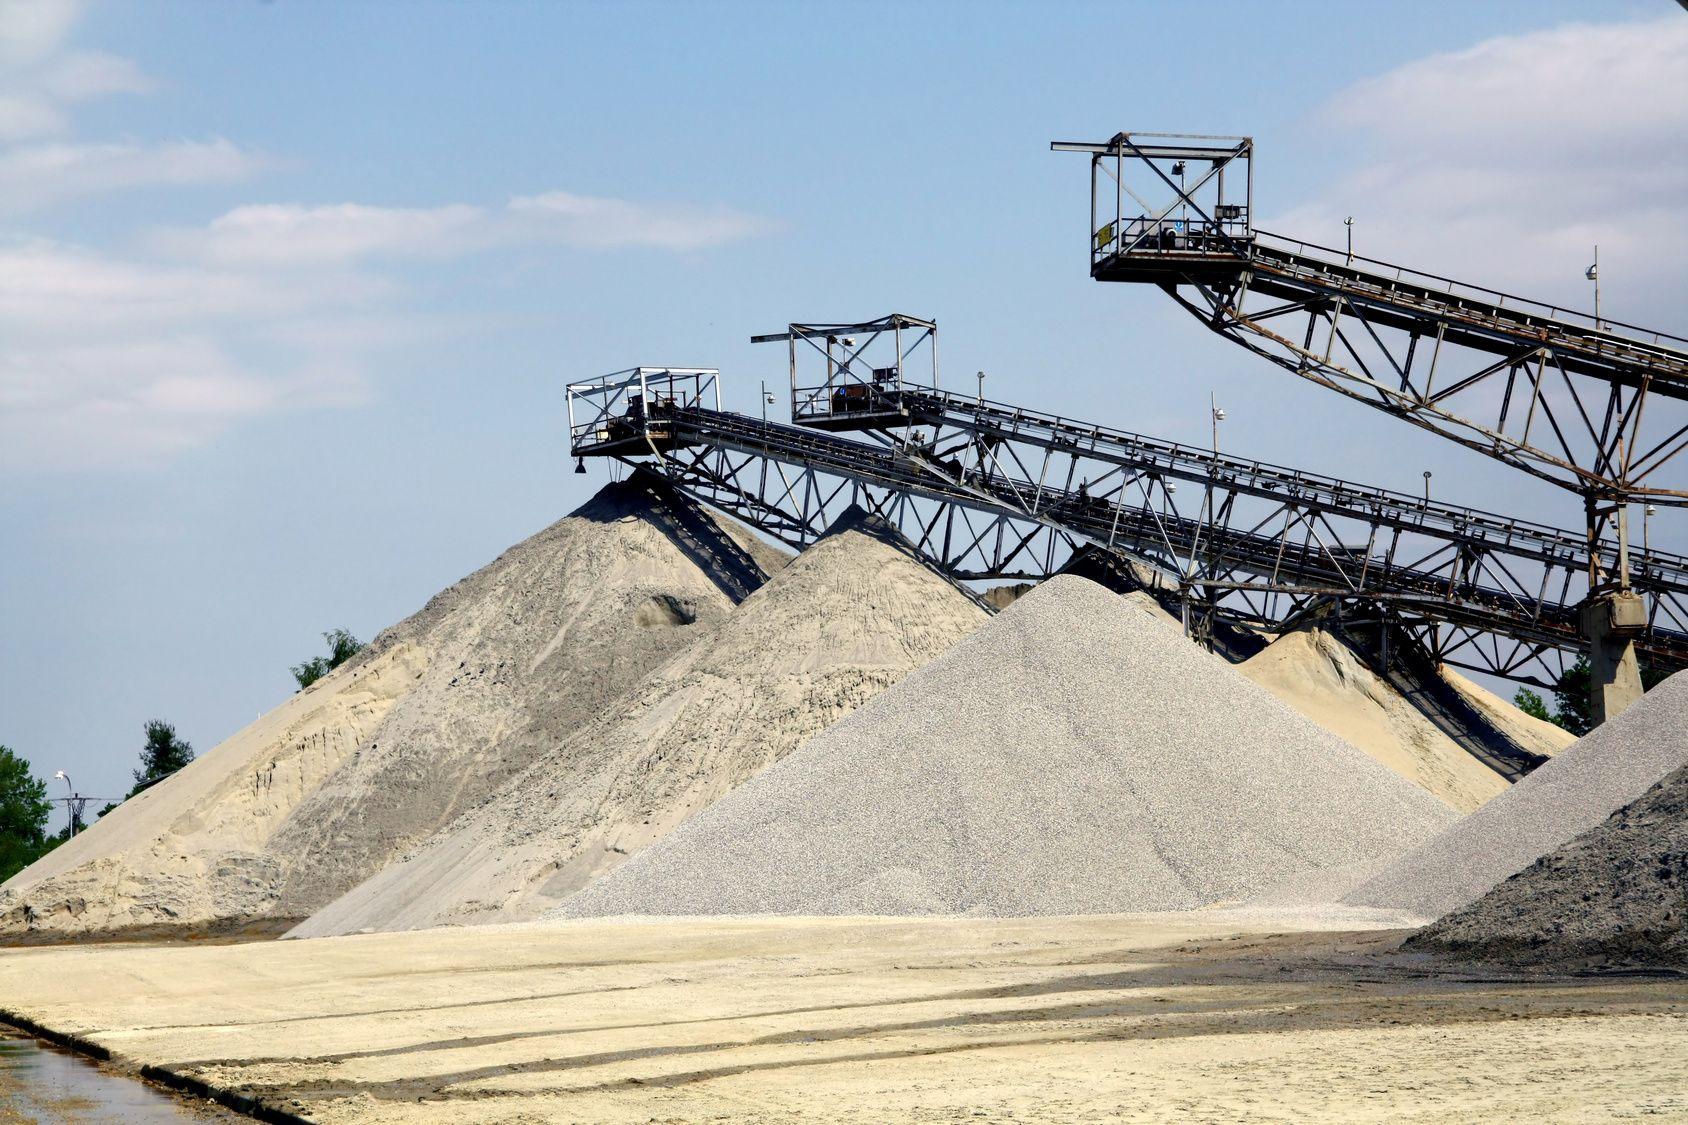 comprar arena caliza de carbonato calcio puro para uso en